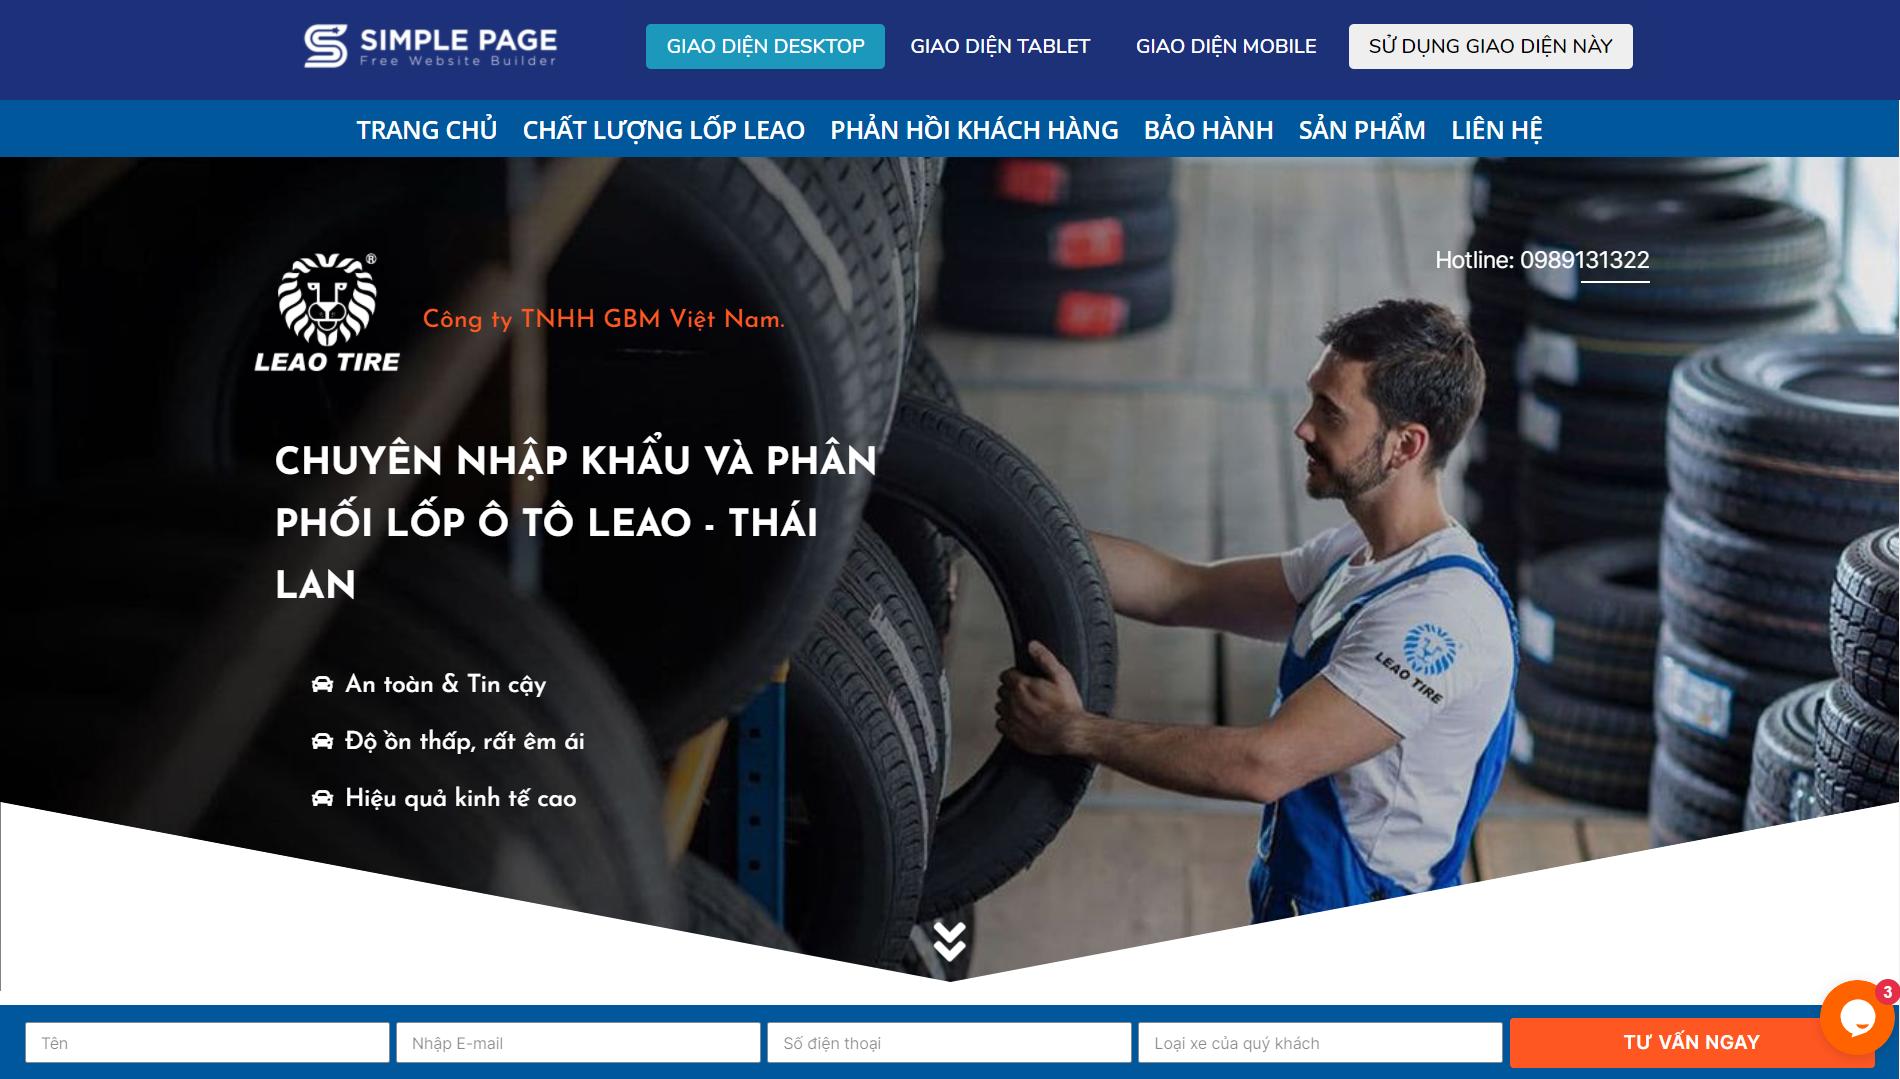 Mẫu landing page dịch vụ vận tải